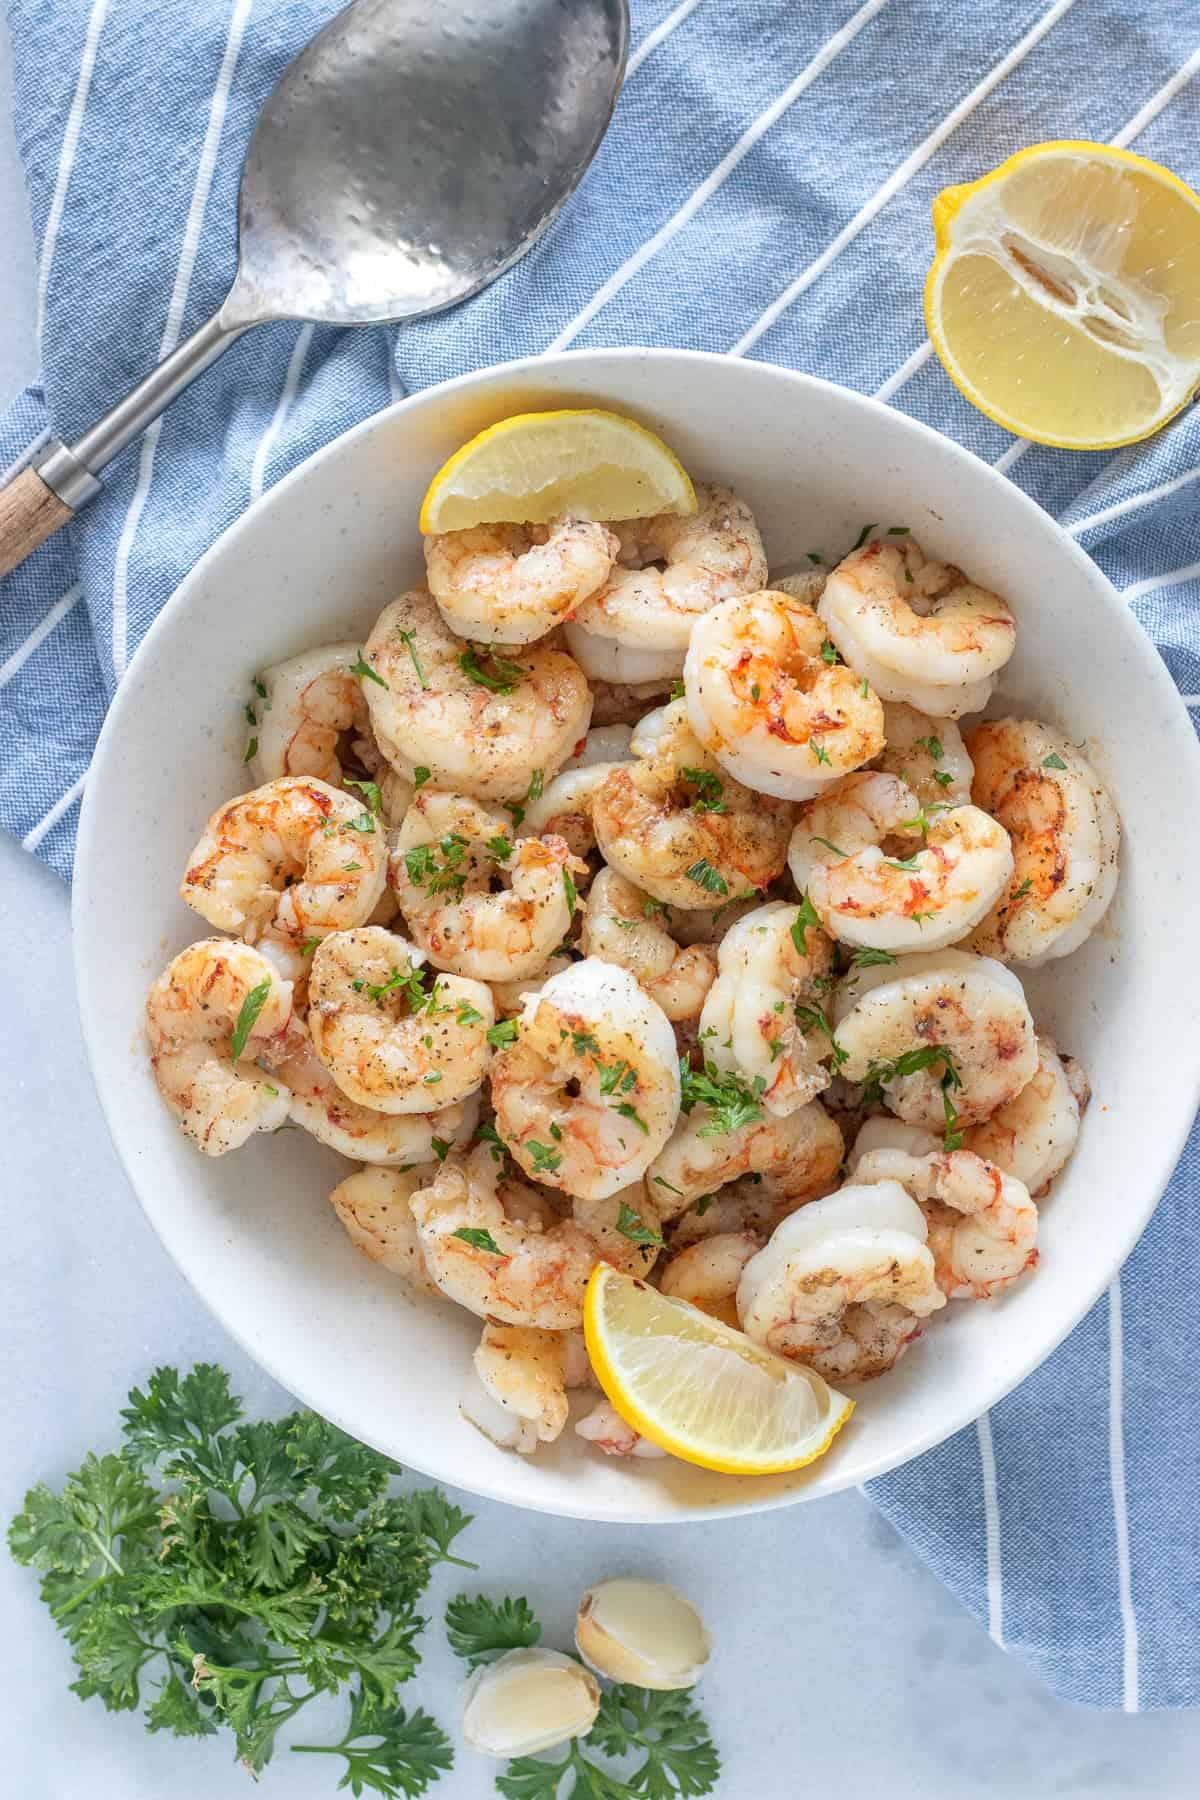 How to serve garlic sautéed shrimp